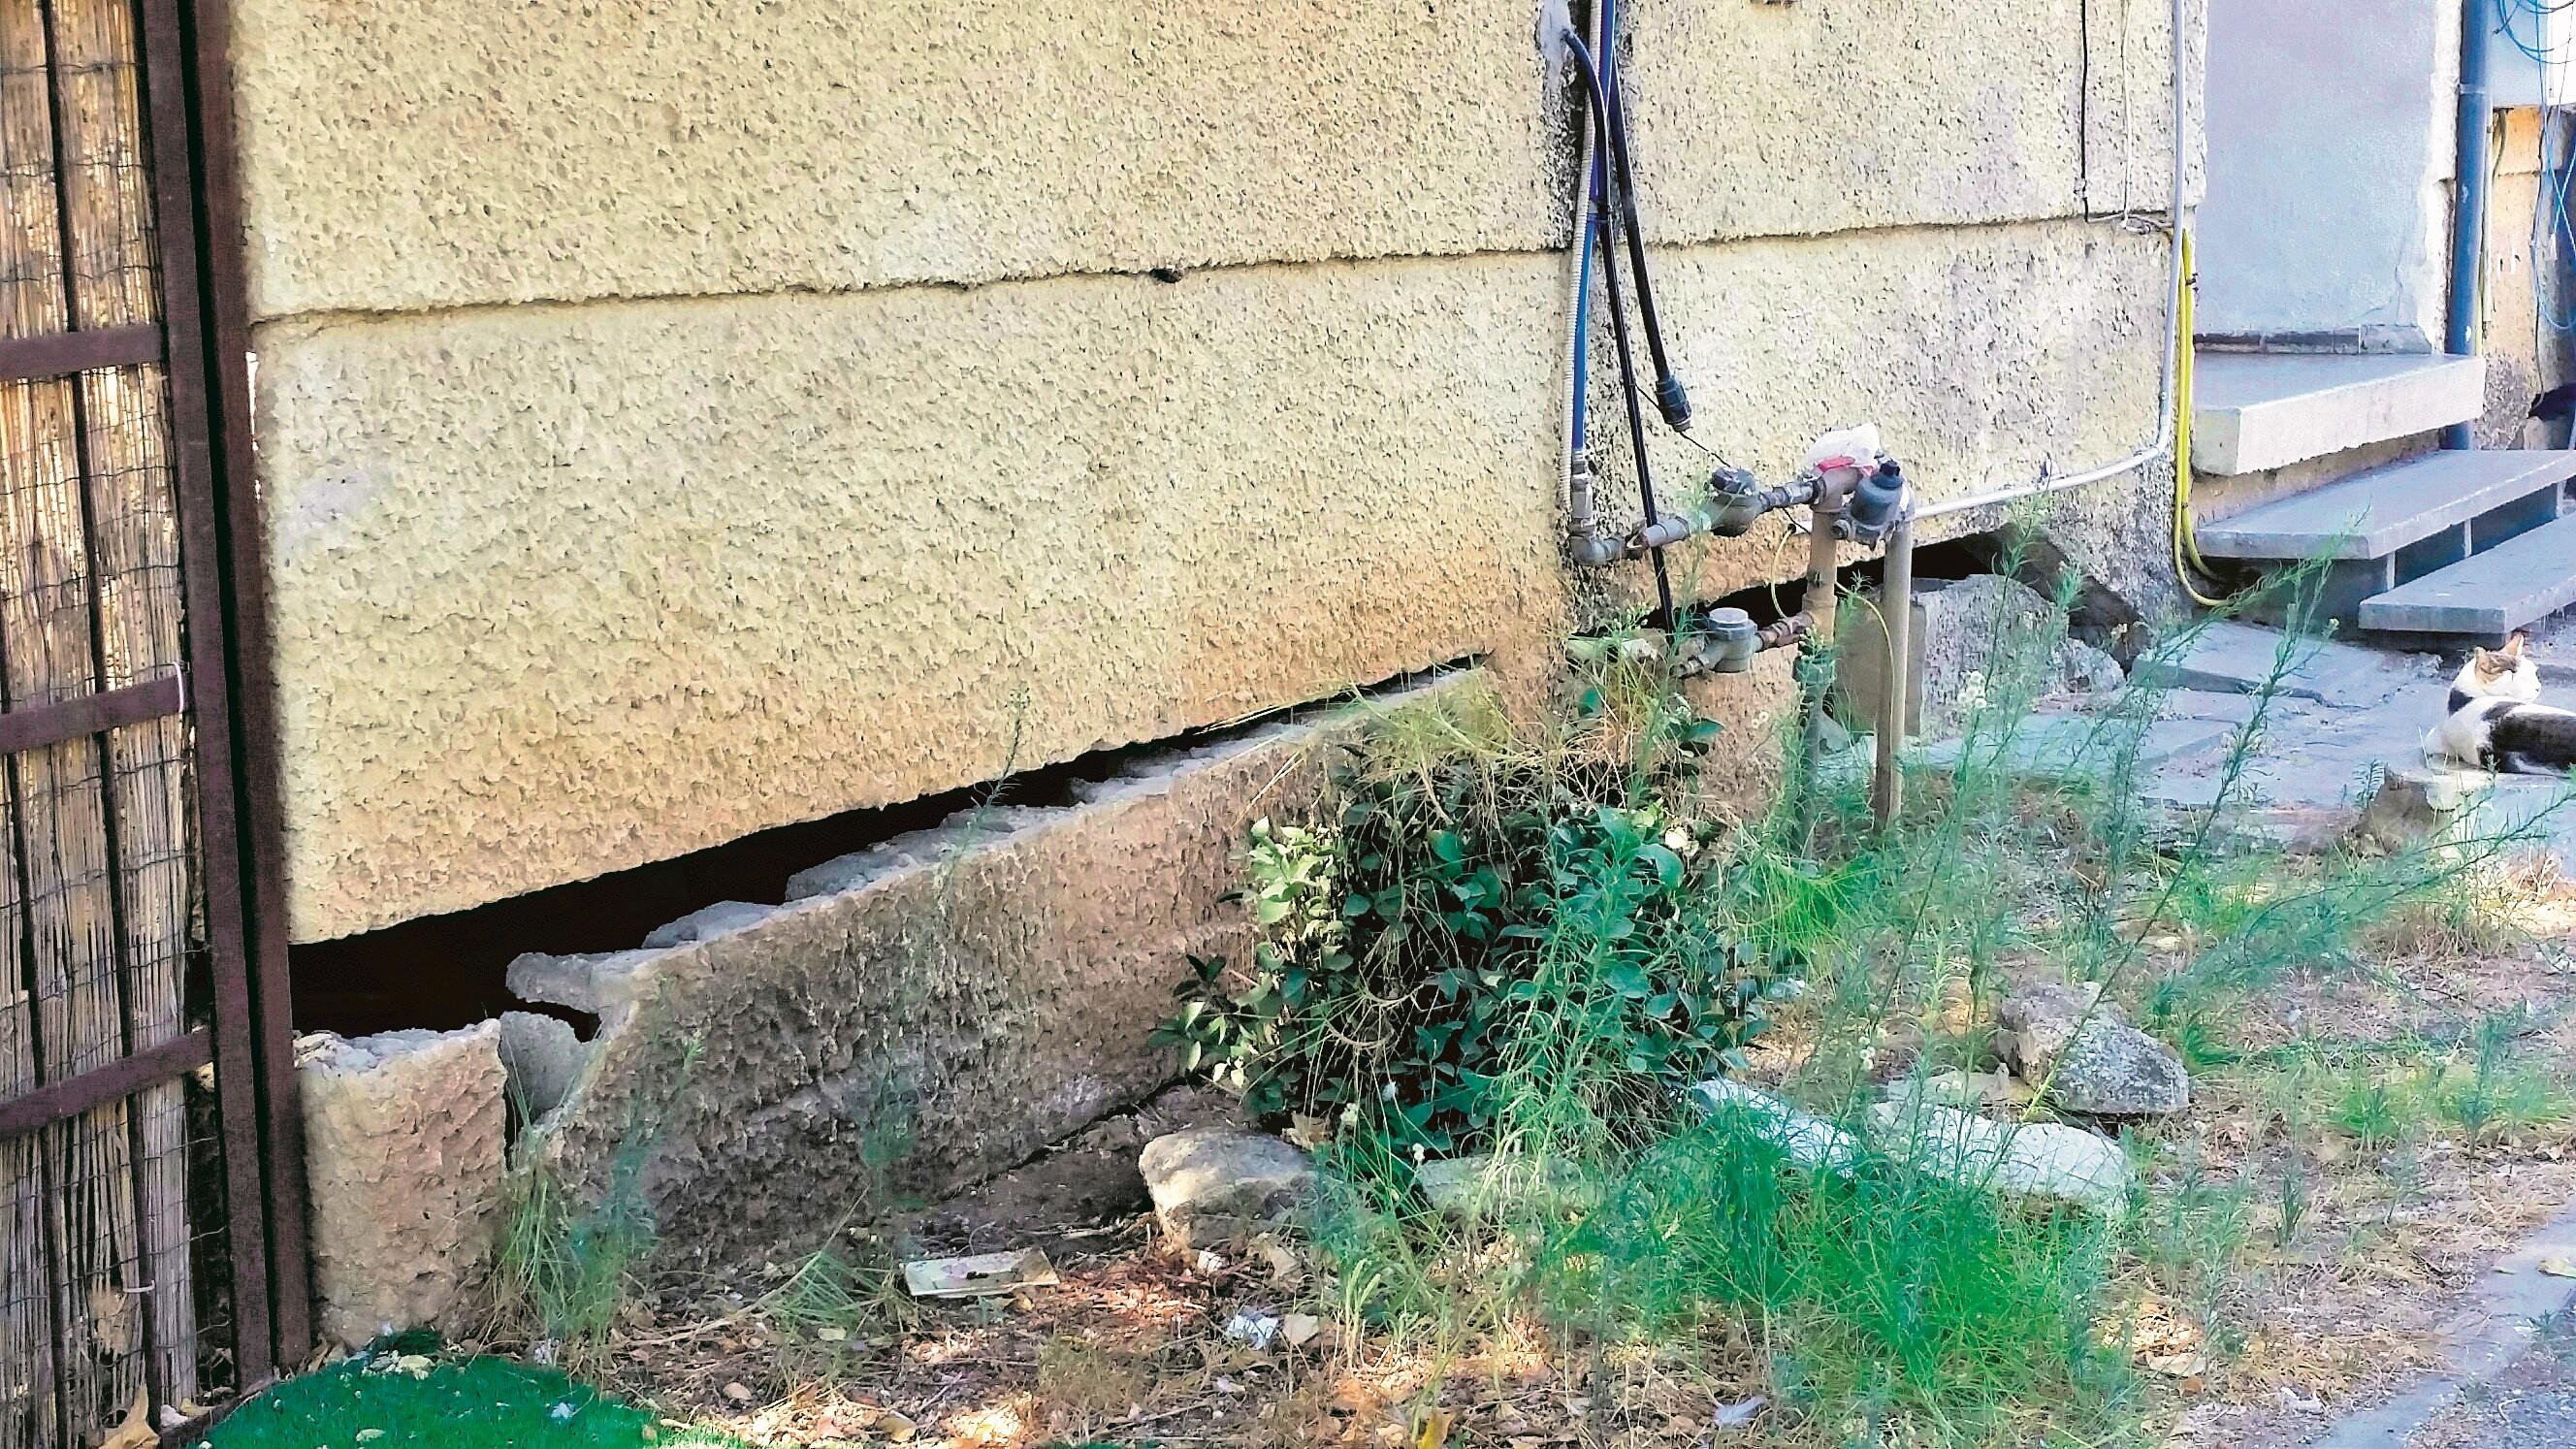 תמונת מצב קשה. בניין בסיכון באחת השכונות הוותיקות בעיר